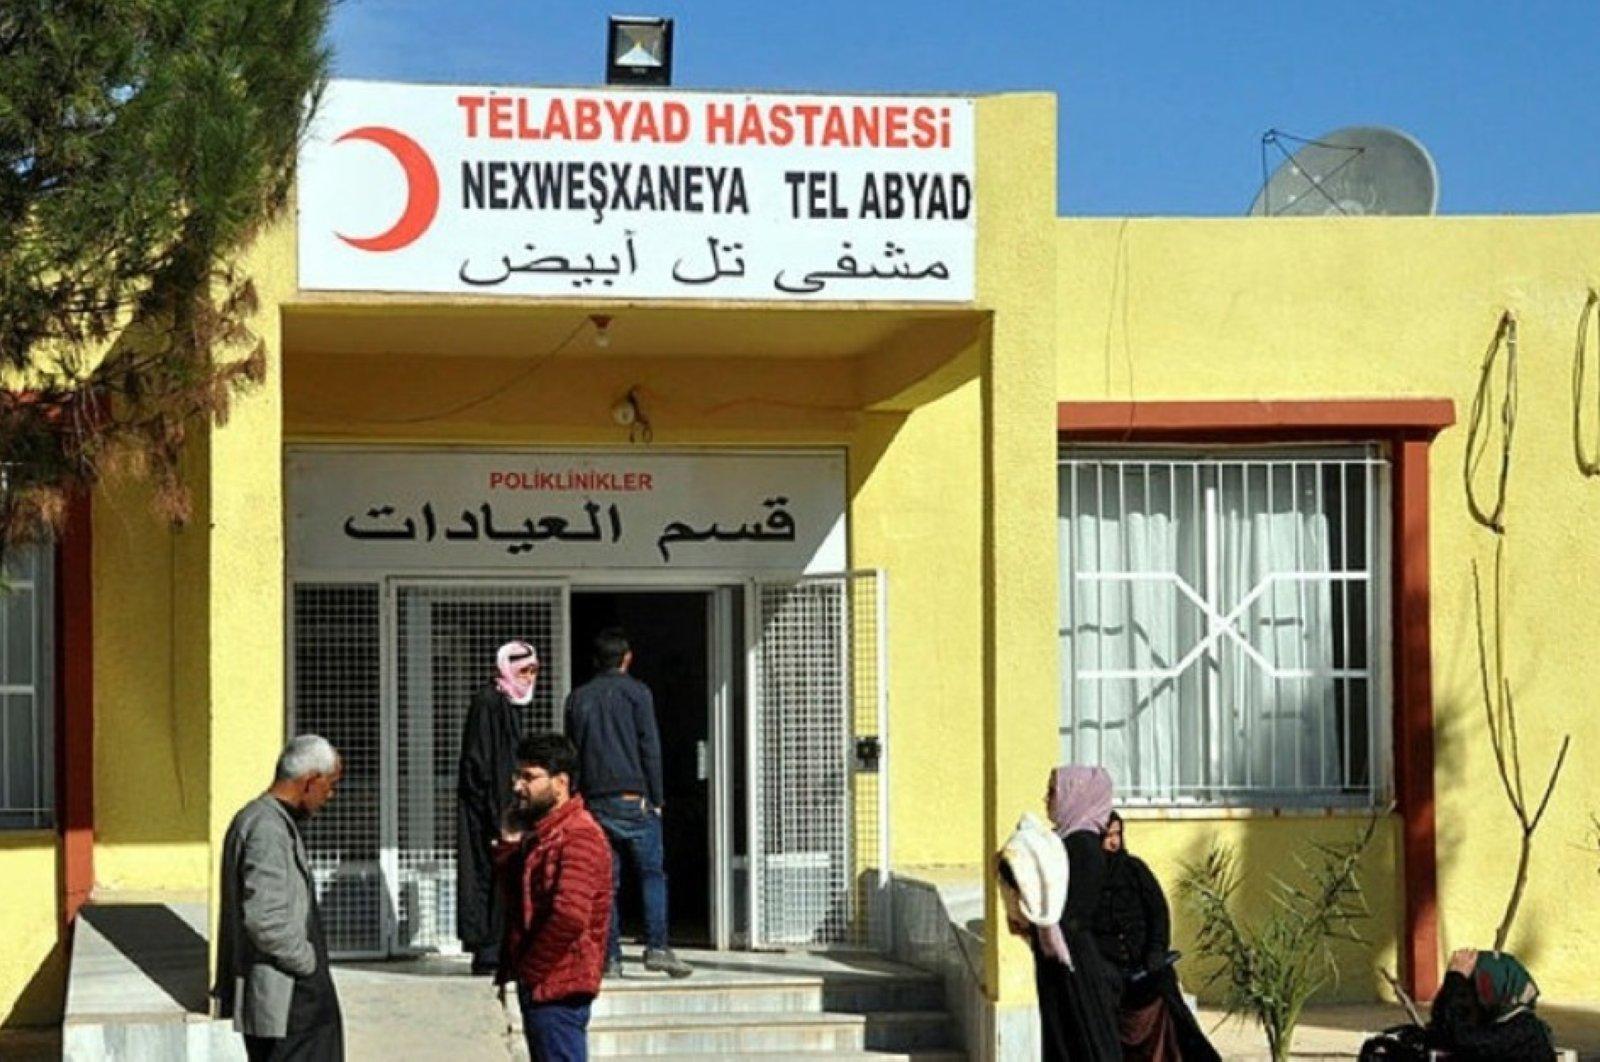 Renovated Tal Abyad Hospital, Jan.24, 2020. (IHA PHOTO)